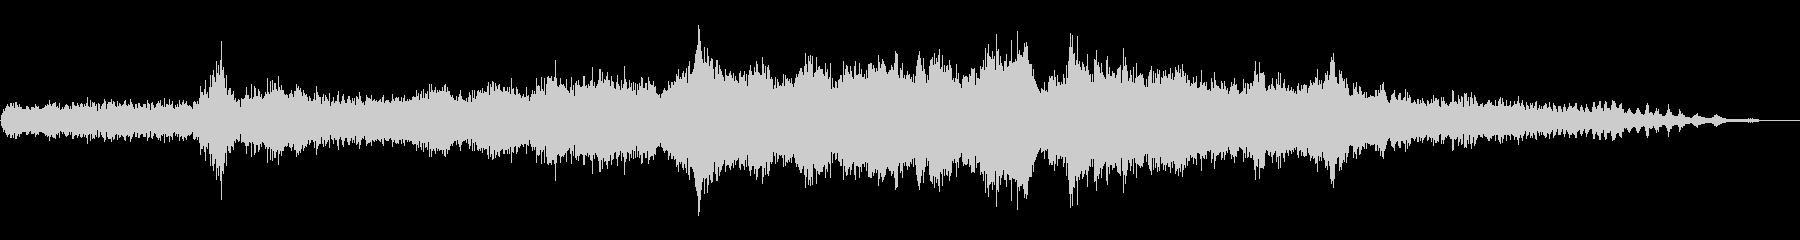 丸のこ:シングルメディアカットソーパワーの未再生の波形